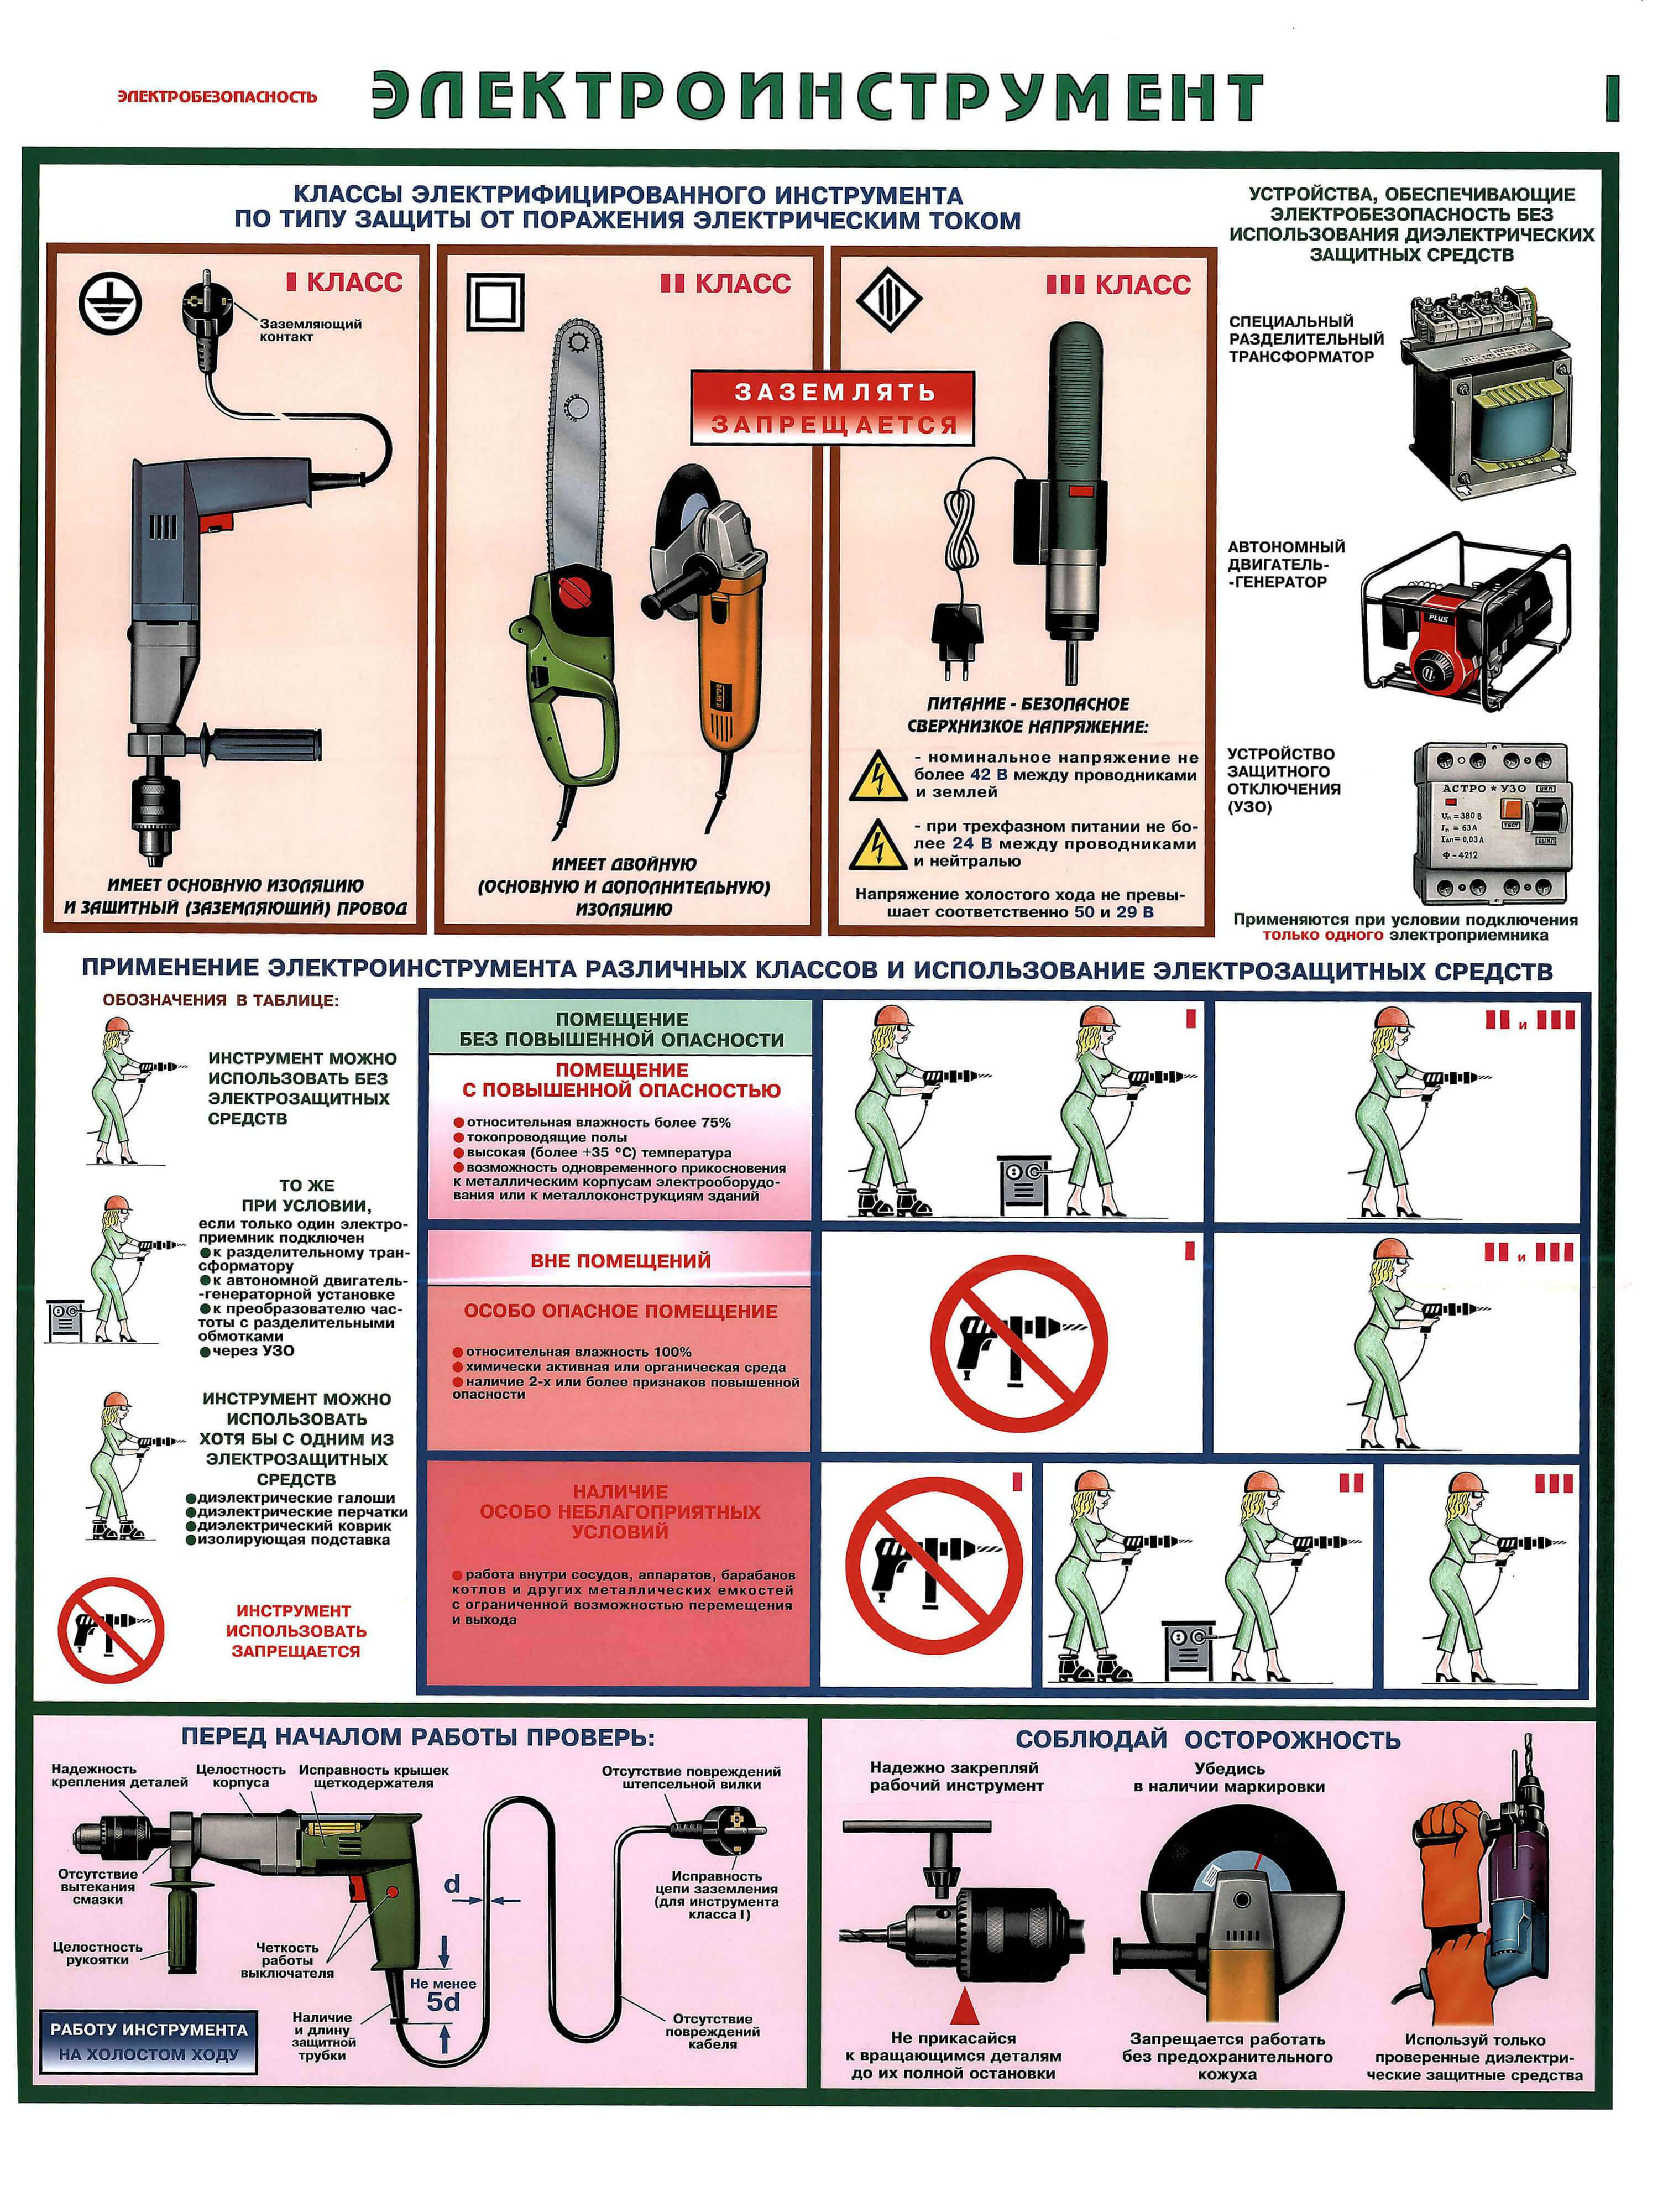 Инструкции по технике безопасности при работе с электроинструментом